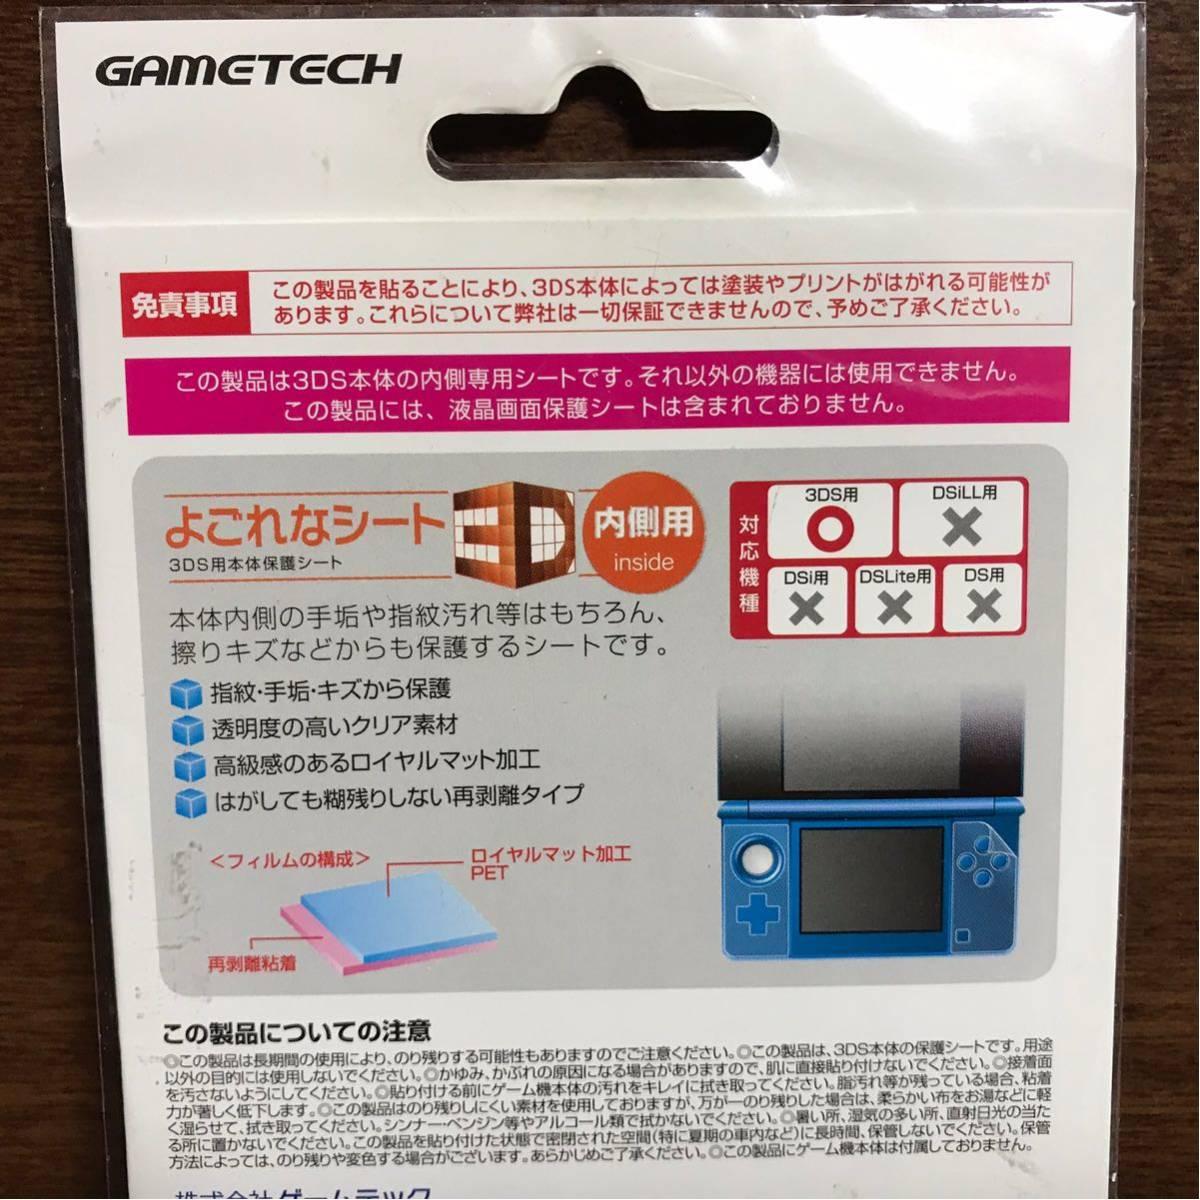 ニンテンドー 3DS専用 液晶保護フィルム ロイヤルマット加工 保護シート 携帯ゲーム NINTENDO 任天堂 抗菌クリーニングクロス付き